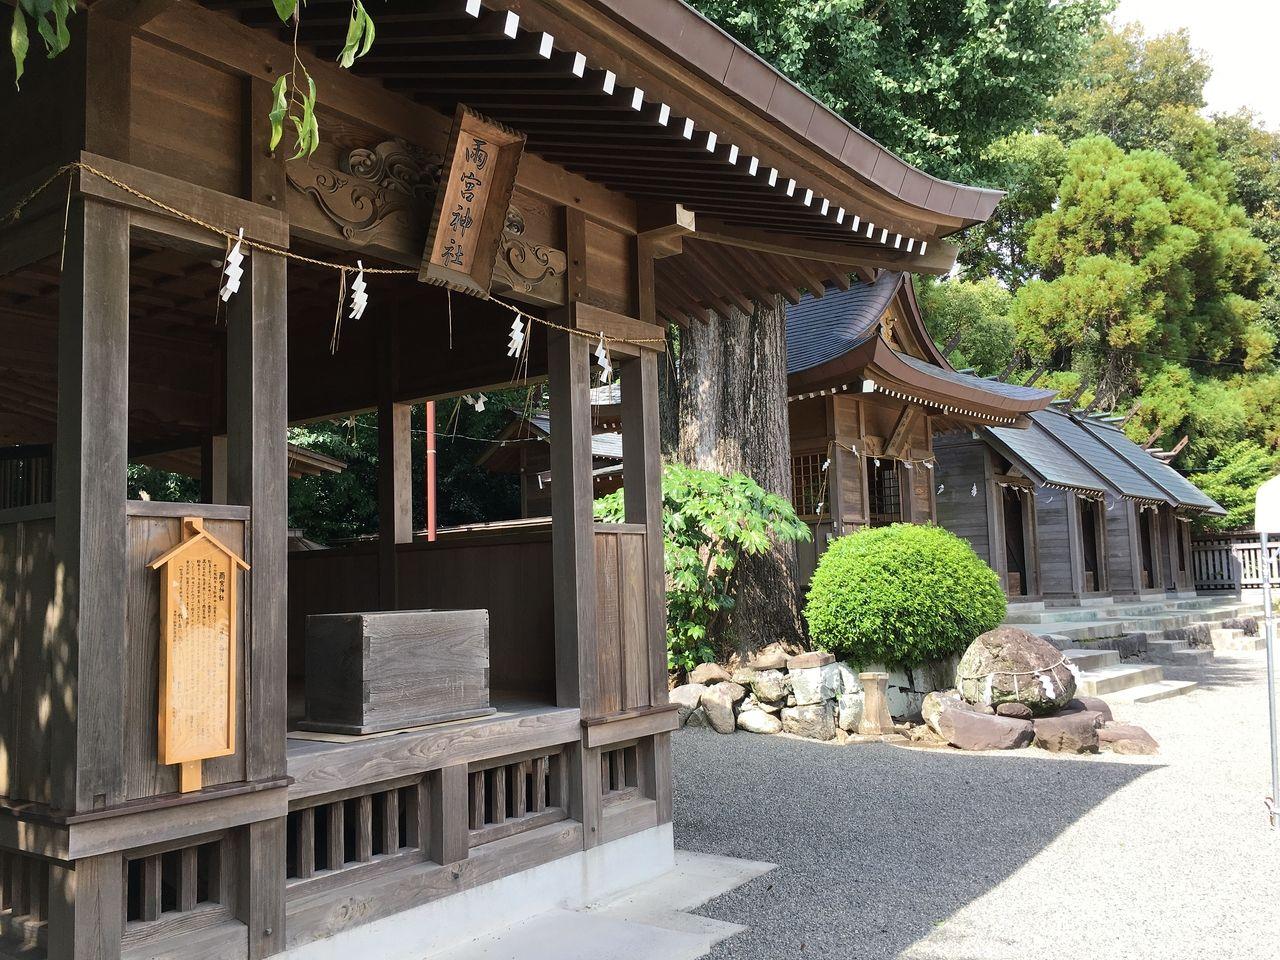 本殿・儀式殿・雨宮神社の他にもたくさんの神様が鎮座されている健軍神社